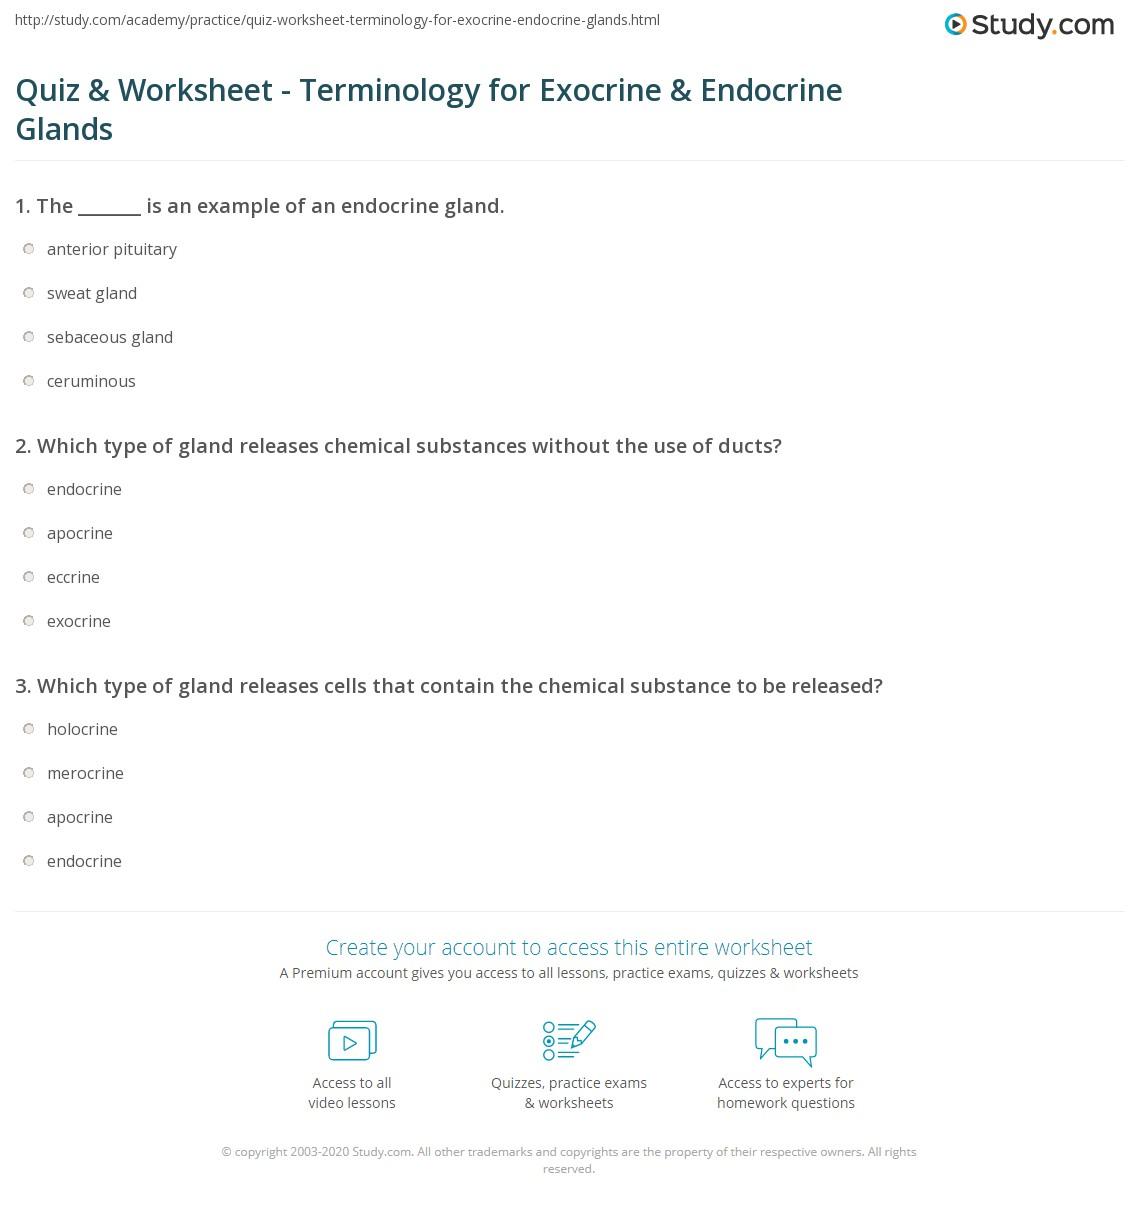 Quiz Worksheet Terminology For Exocrine Endocrine Glands